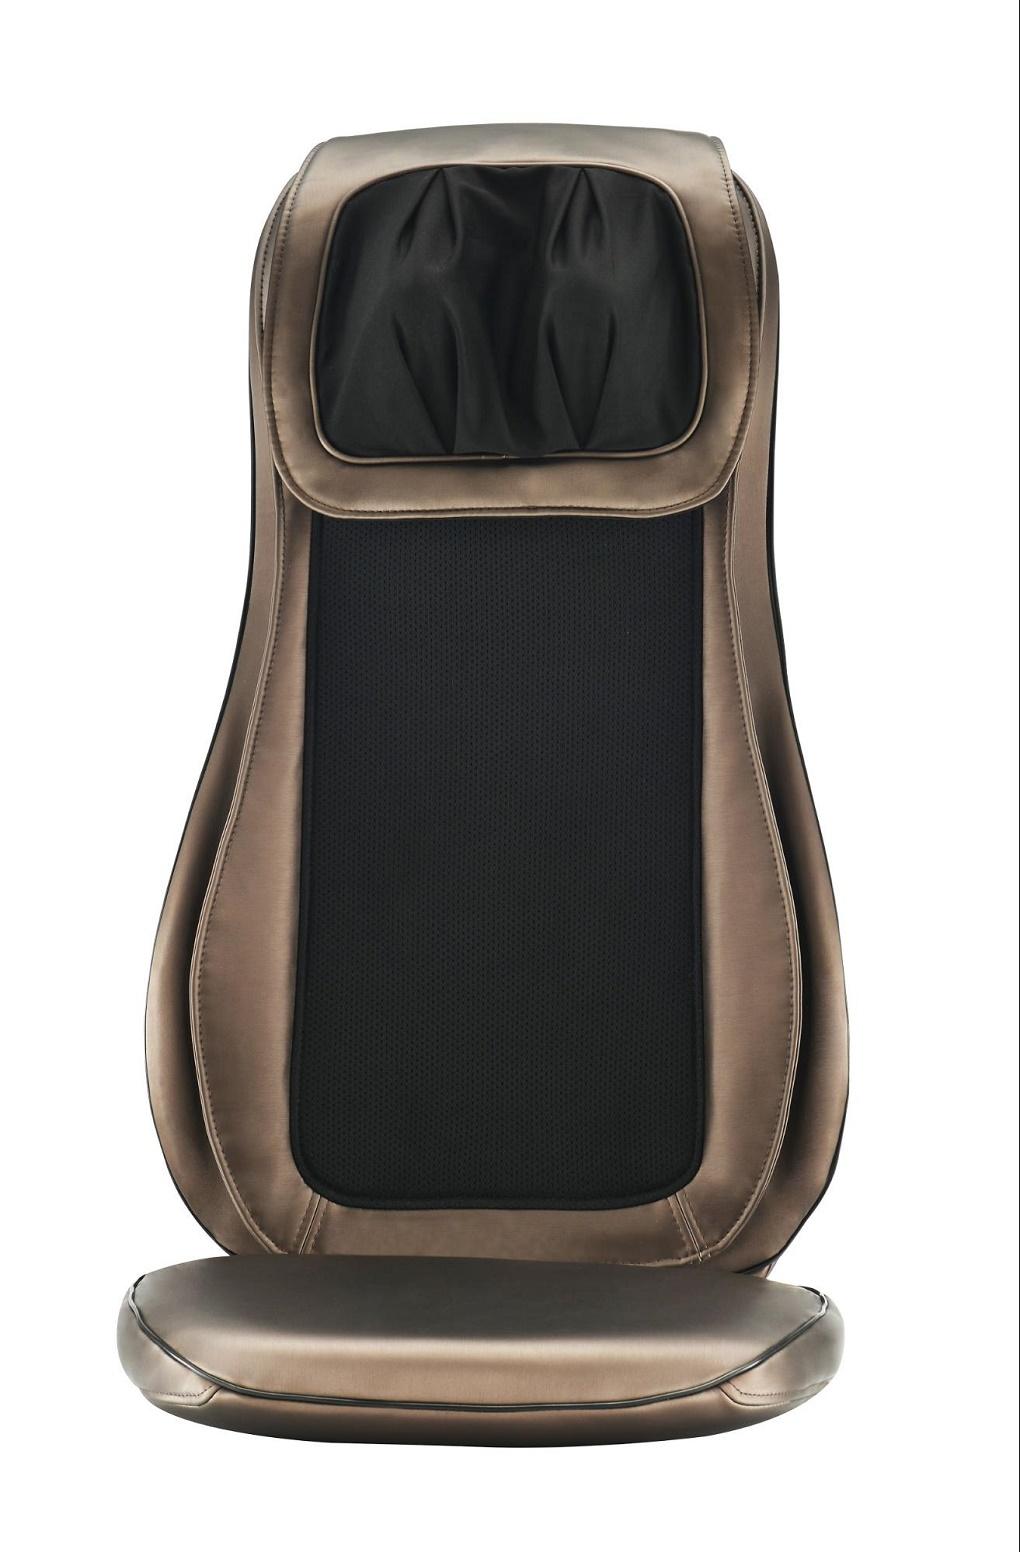 Ấn tượng với thiết kế thời thượng của Đệm massage MUP-124